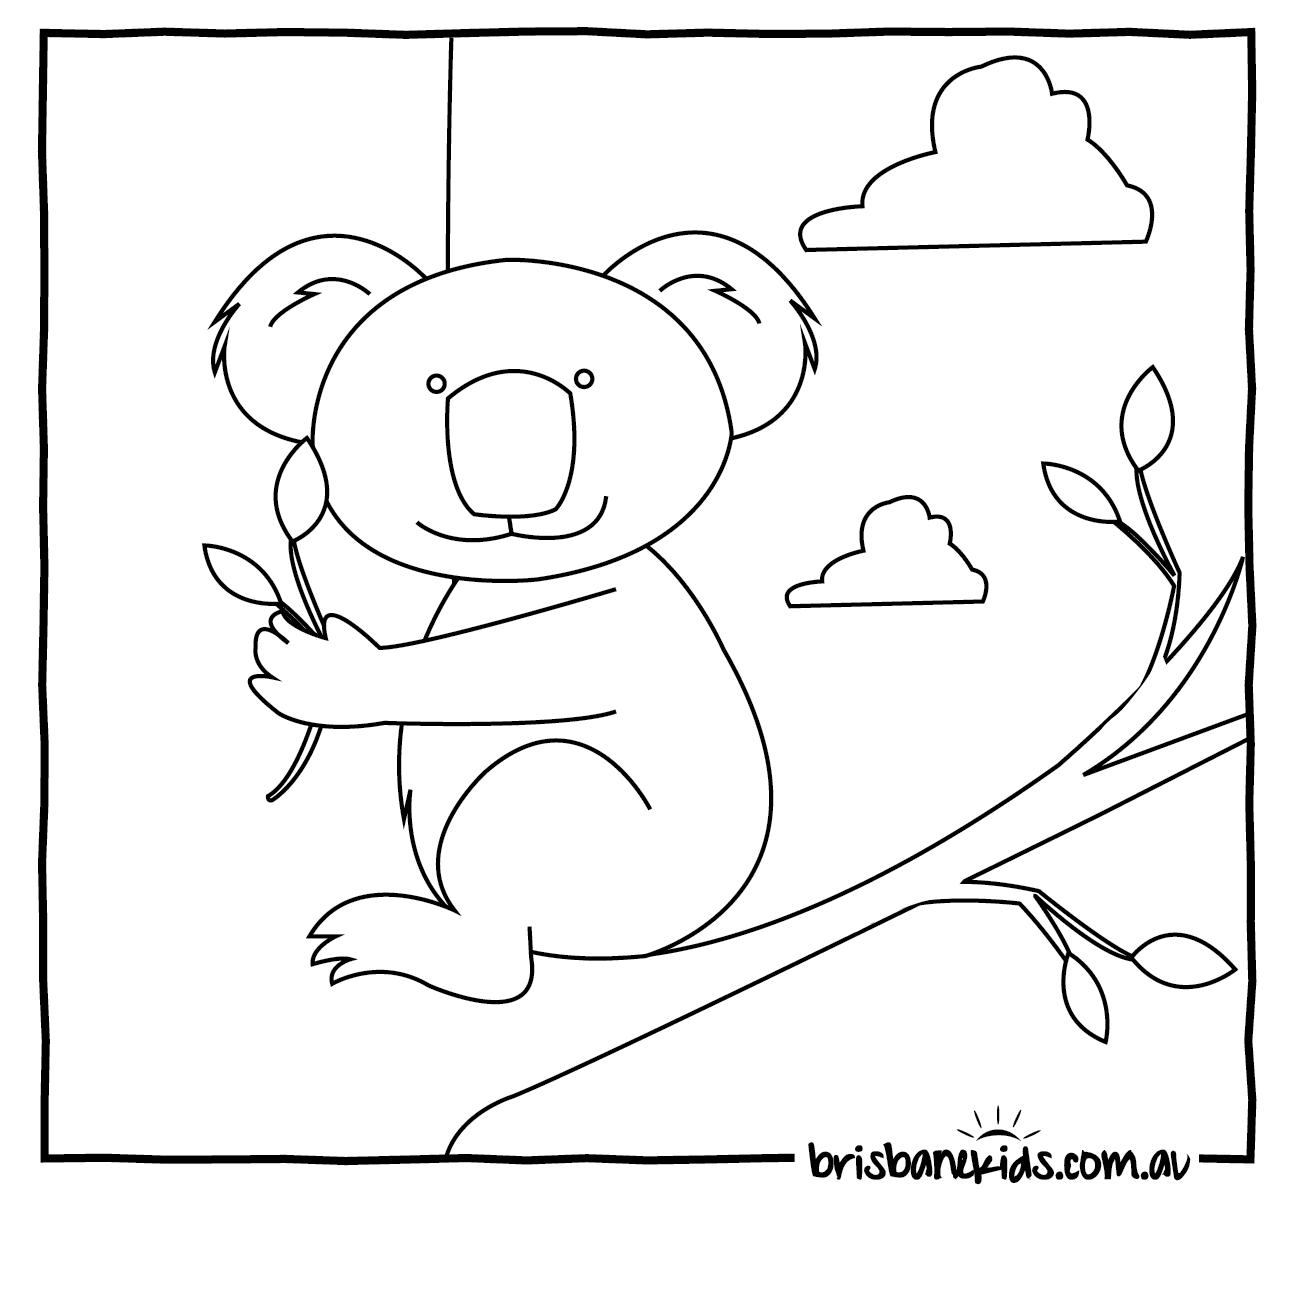 Australian coloring #16, Download drawings